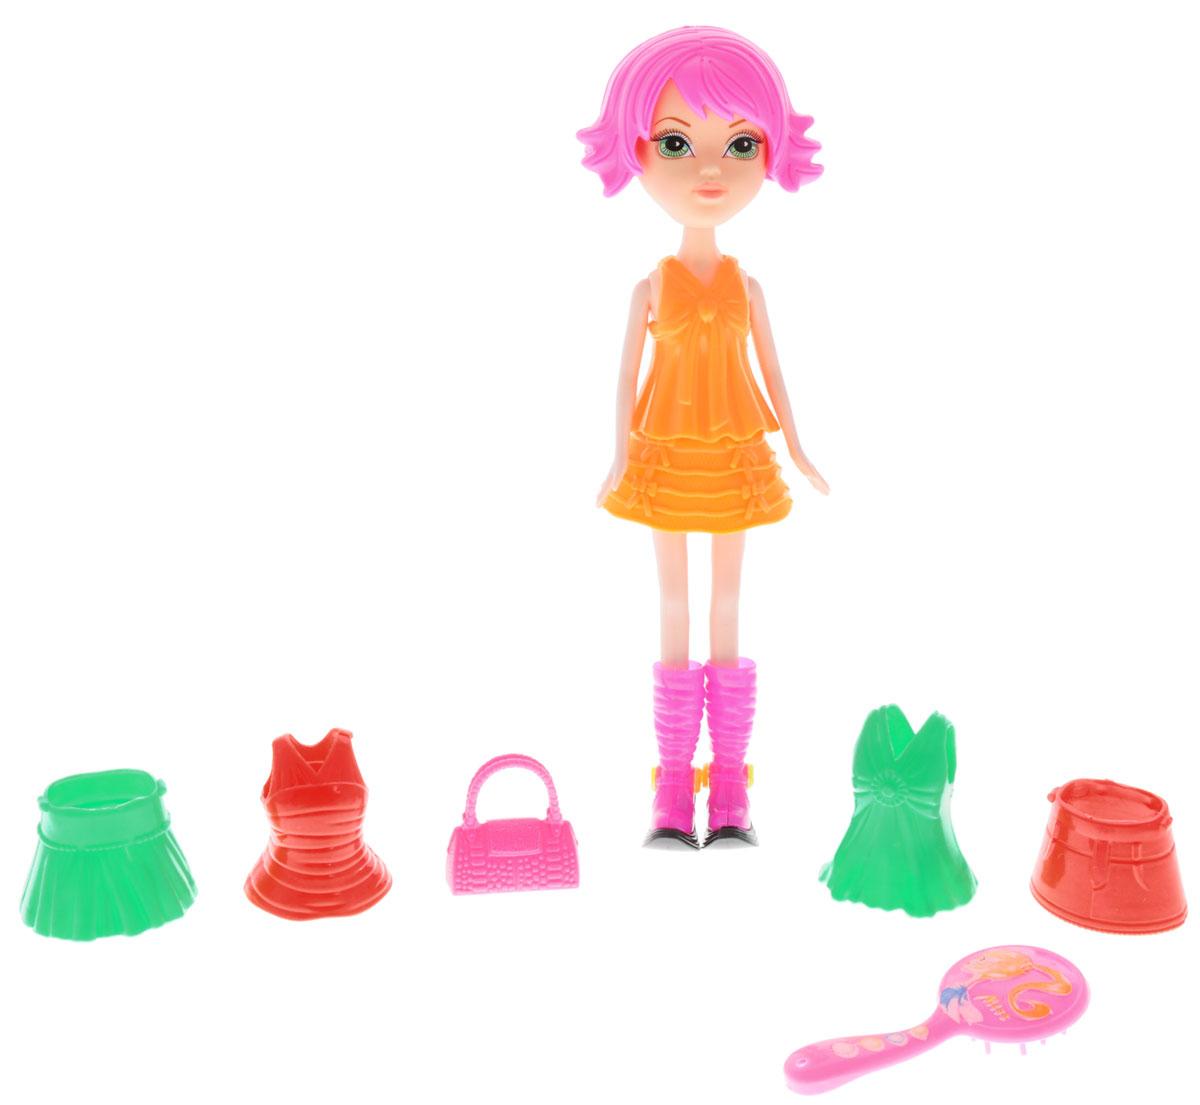 1TOY Кукла Красотка Фэшн с одеждой цвет платья оранжевыйТ57128Новая серия Красотка Фэшн - это оригинальные наборы кукол с одеждой и аксессуарами в стиле гламур. Кукла изготовлена из пластика, ее голова, ручки и ножки подвижны, что позволяет придавать ей разнообразные позы. Куколка одета в пластиковый оранжевый комплект с юбкой, но легко может сменить его на зеленый или красный. В наборе с Красоткой имеются розовая сумочка, расческа и оригинальные розовые сапоги на высоких каблуках. Благодаря играм с куклой ваша малышка сможет развить фантазию и любознательность, овладеть навыками общения и научиться ответственности, а дополнительные аксессуары сделают игру еще увлекательнее. Порадуйте свою принцессу таким прекрасным подарком!